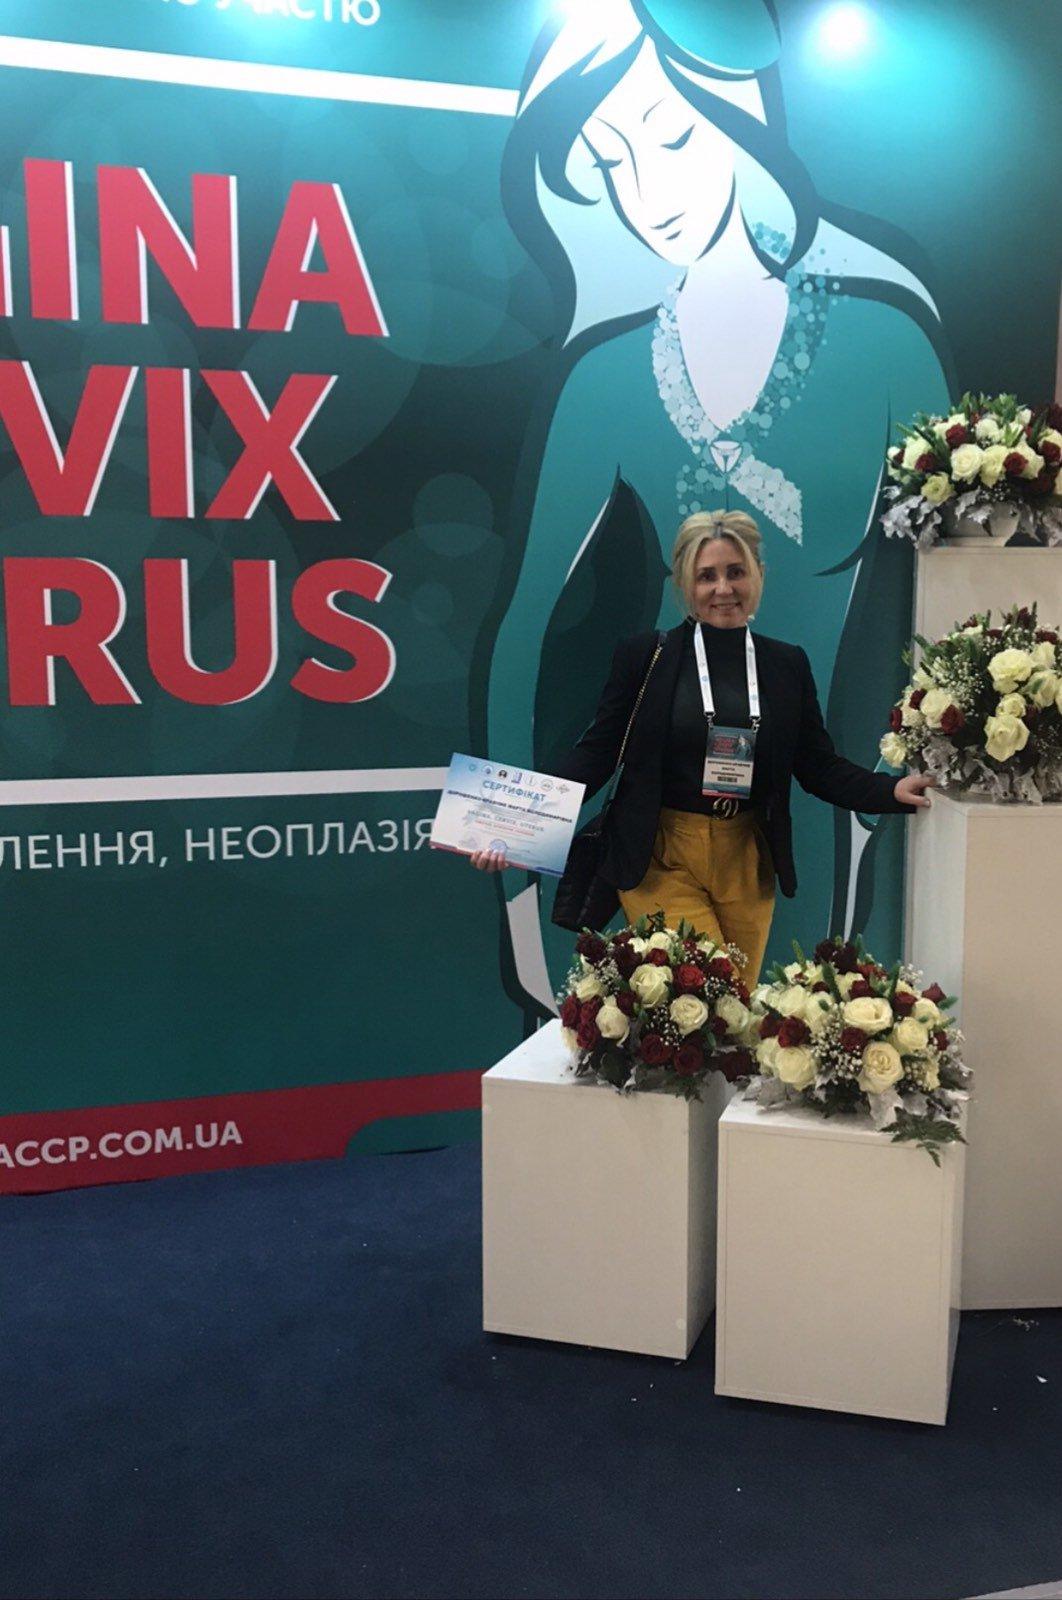 Приватні клініки та медичні центри Львова, фото-61